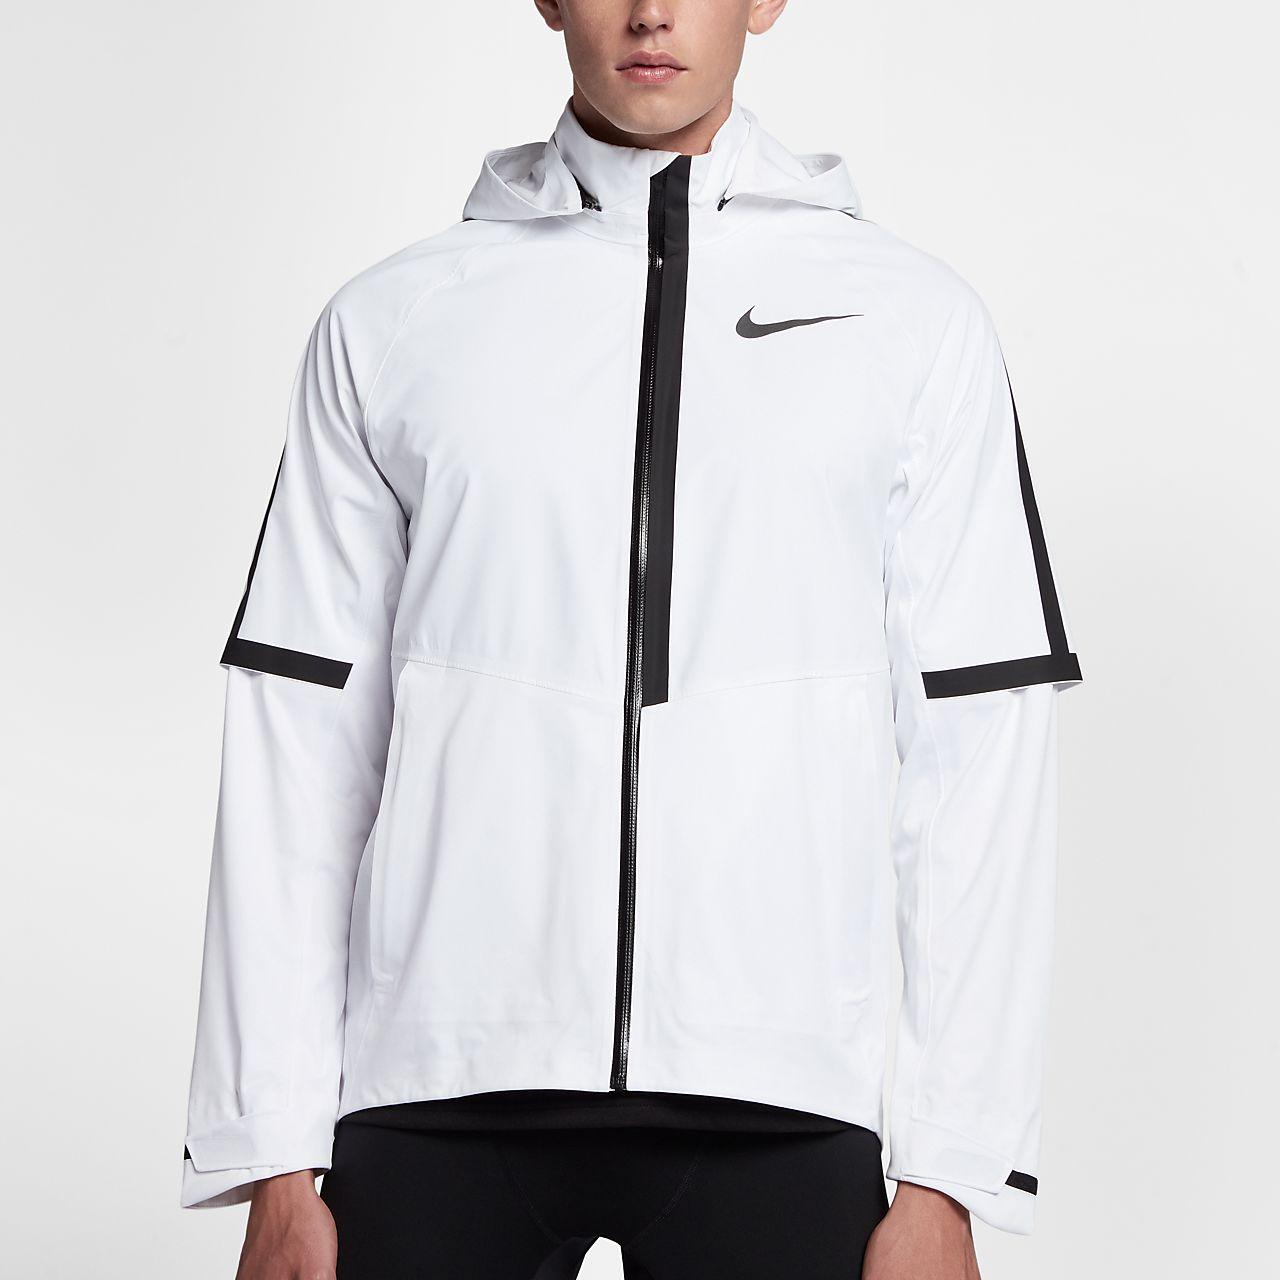 Low Resolution Nike AeroShield Men's Running Jacket Nike AeroShield Men's  Running Jacket